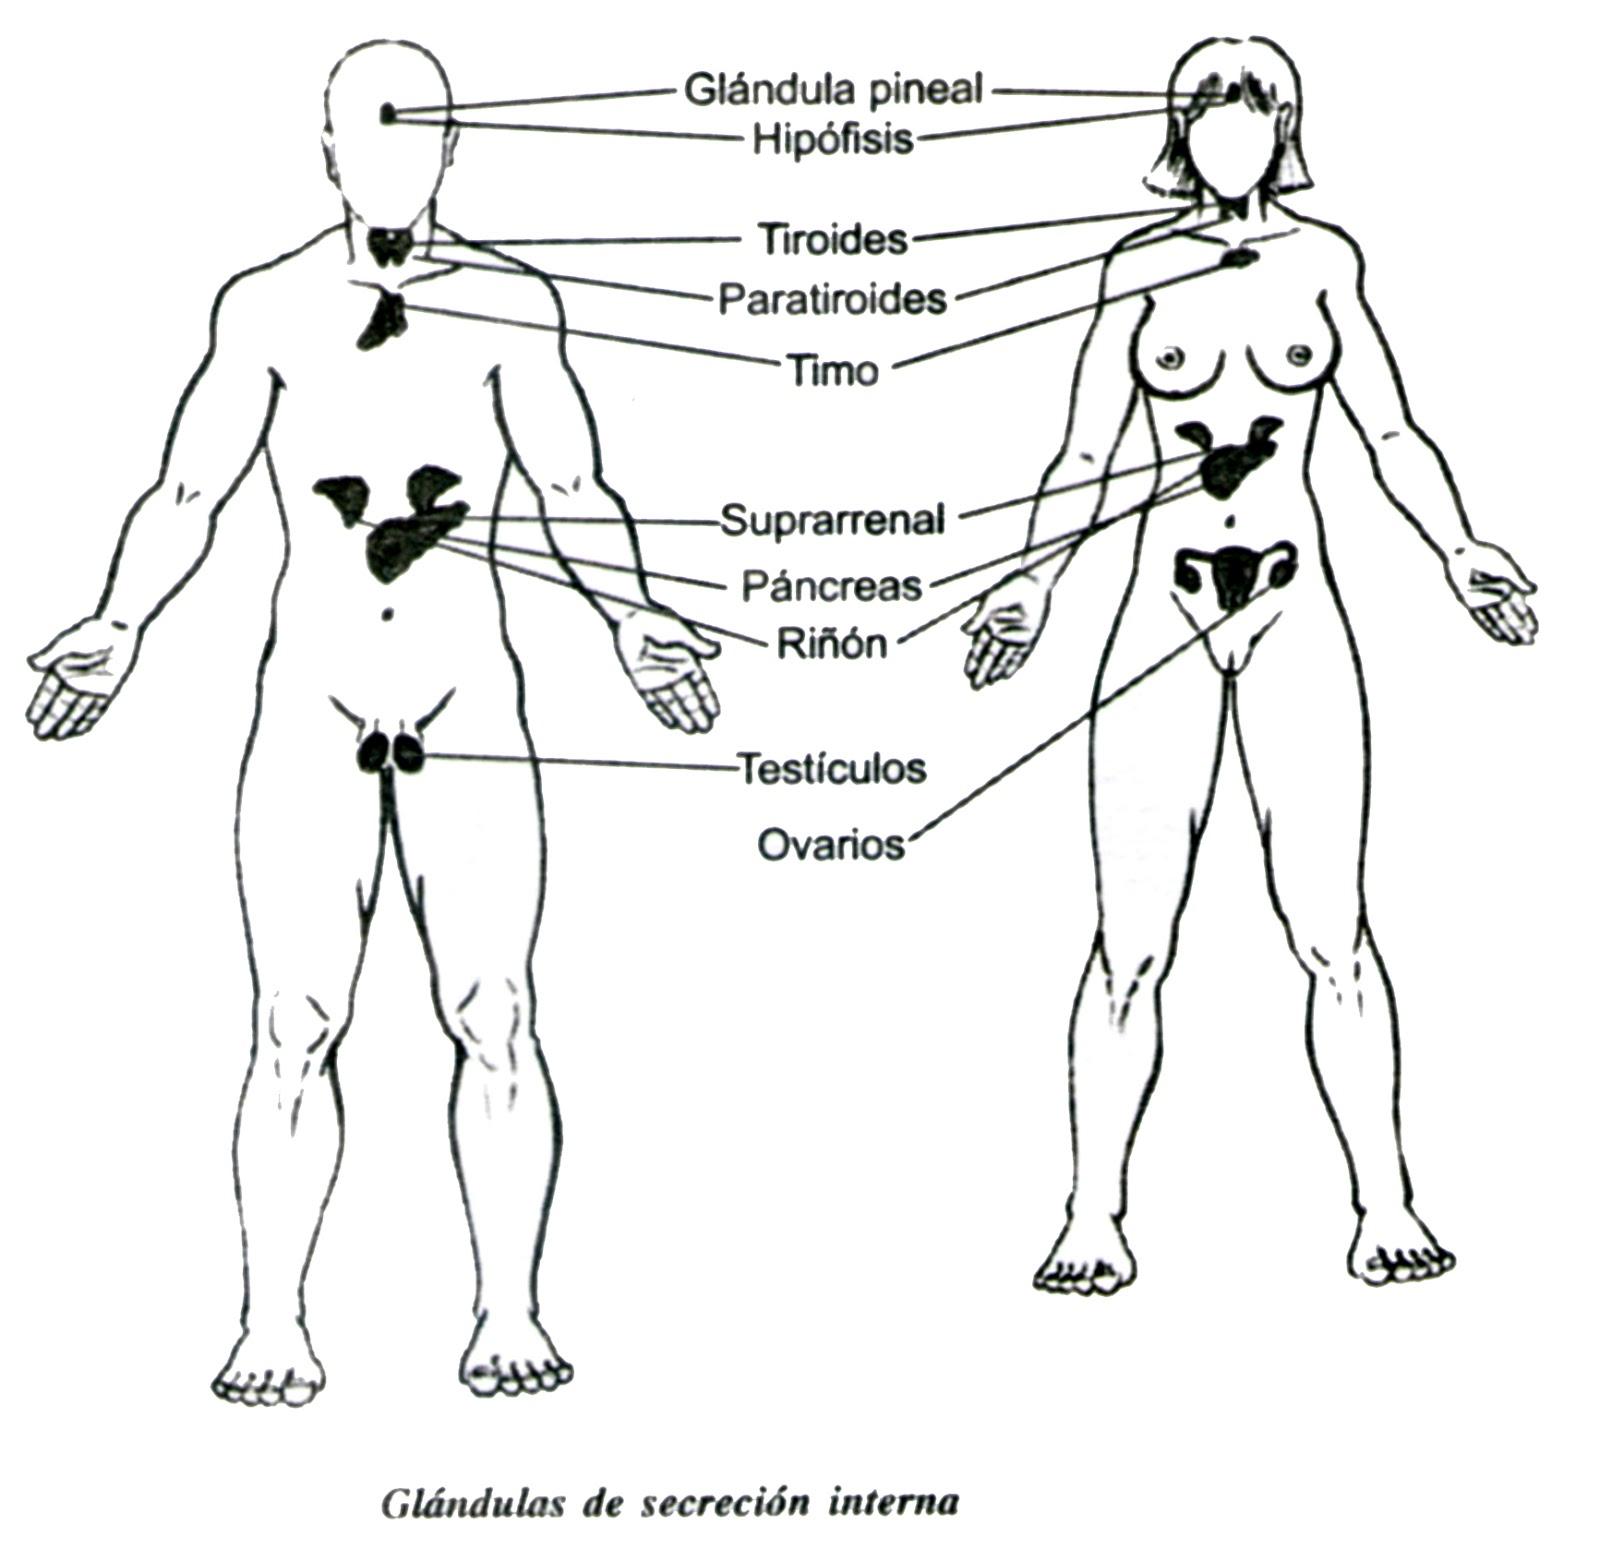 Glándulas de secreción interna: las hormonas que secretan y su papel ...